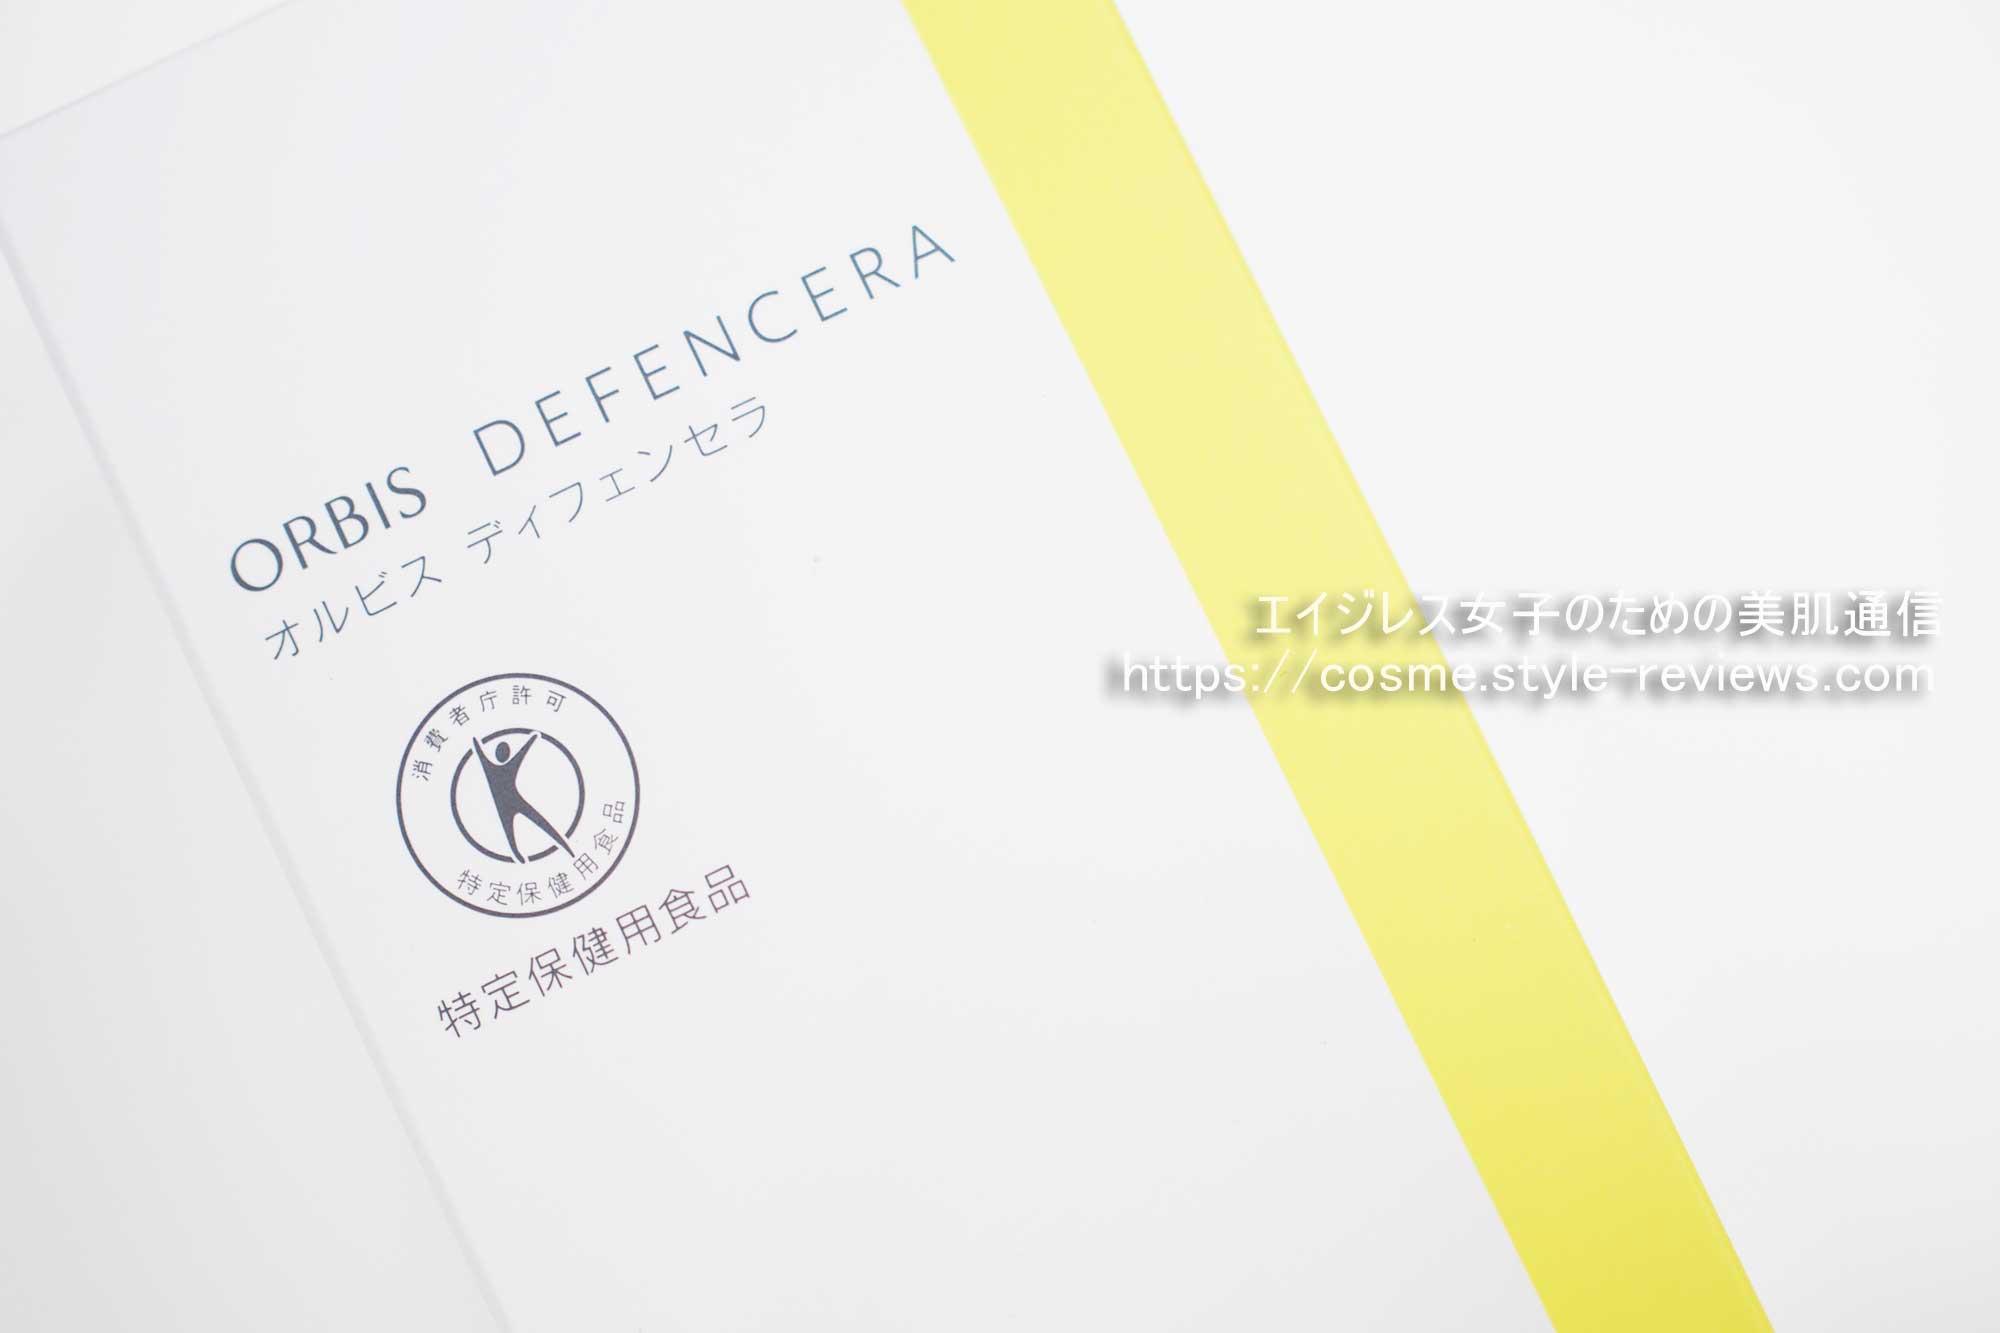 日本初の肌トクホ オルビスディフェンセラ